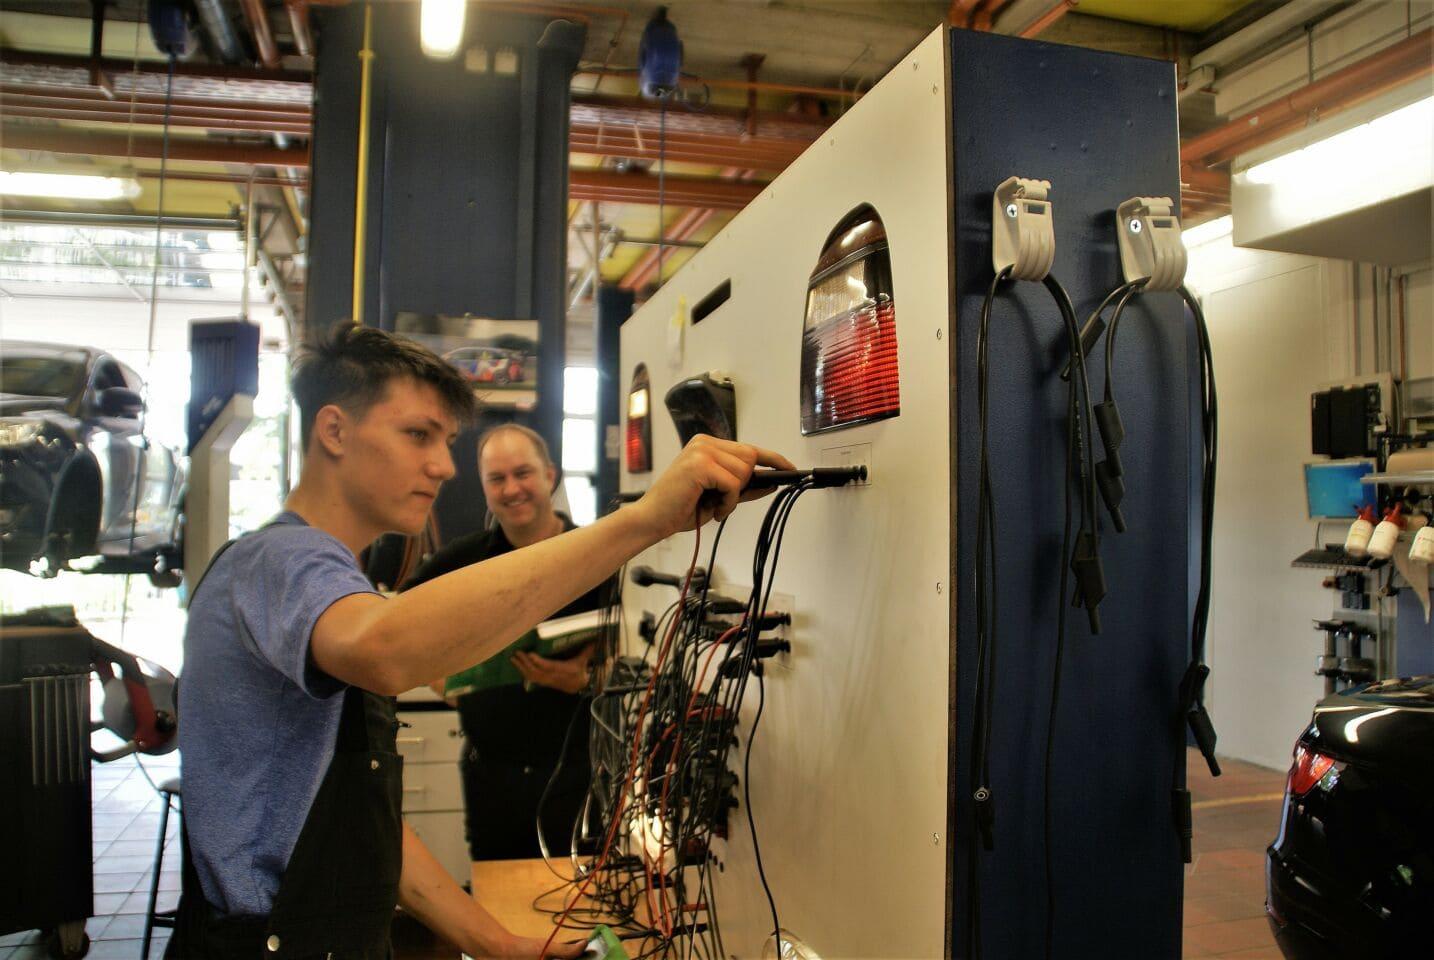 Caritas-Don Bosco-Bildungszentrum: Kfz-Lichtwand zum Üben